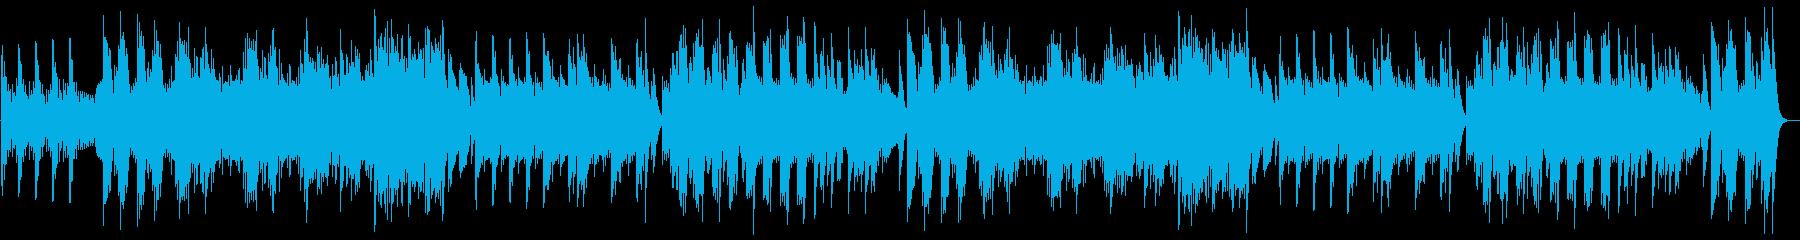 可愛らしいオルゴールの曲の再生済みの波形